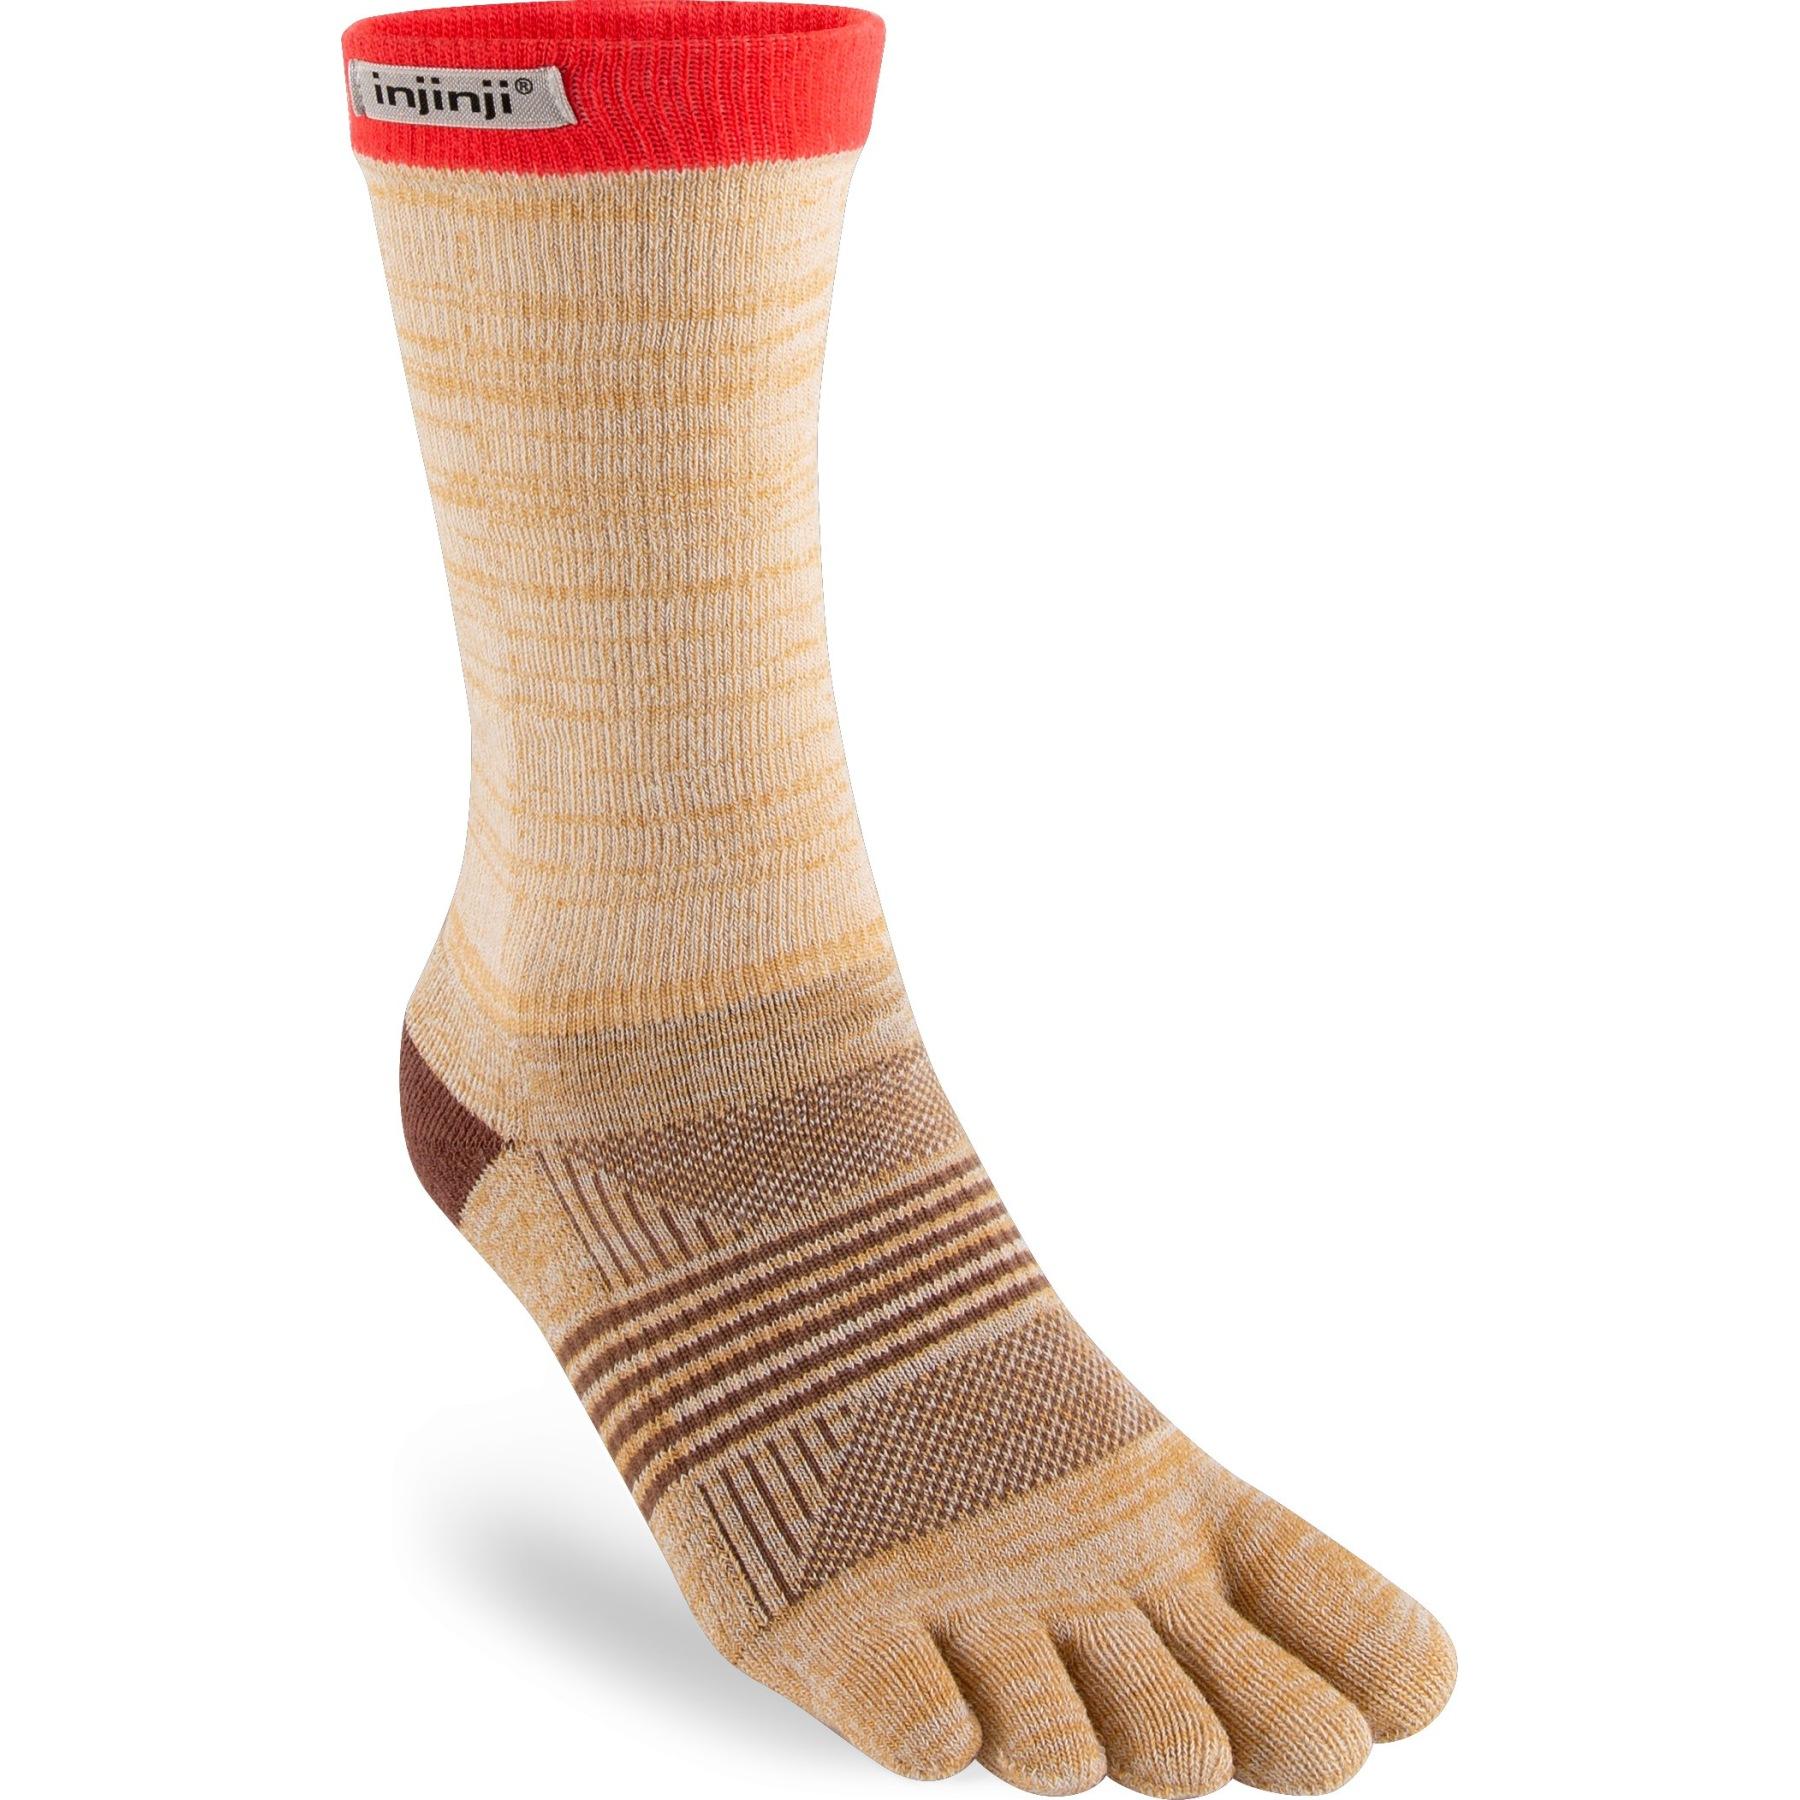 Injinji Women's Trail Midweight Crew Socks - spur